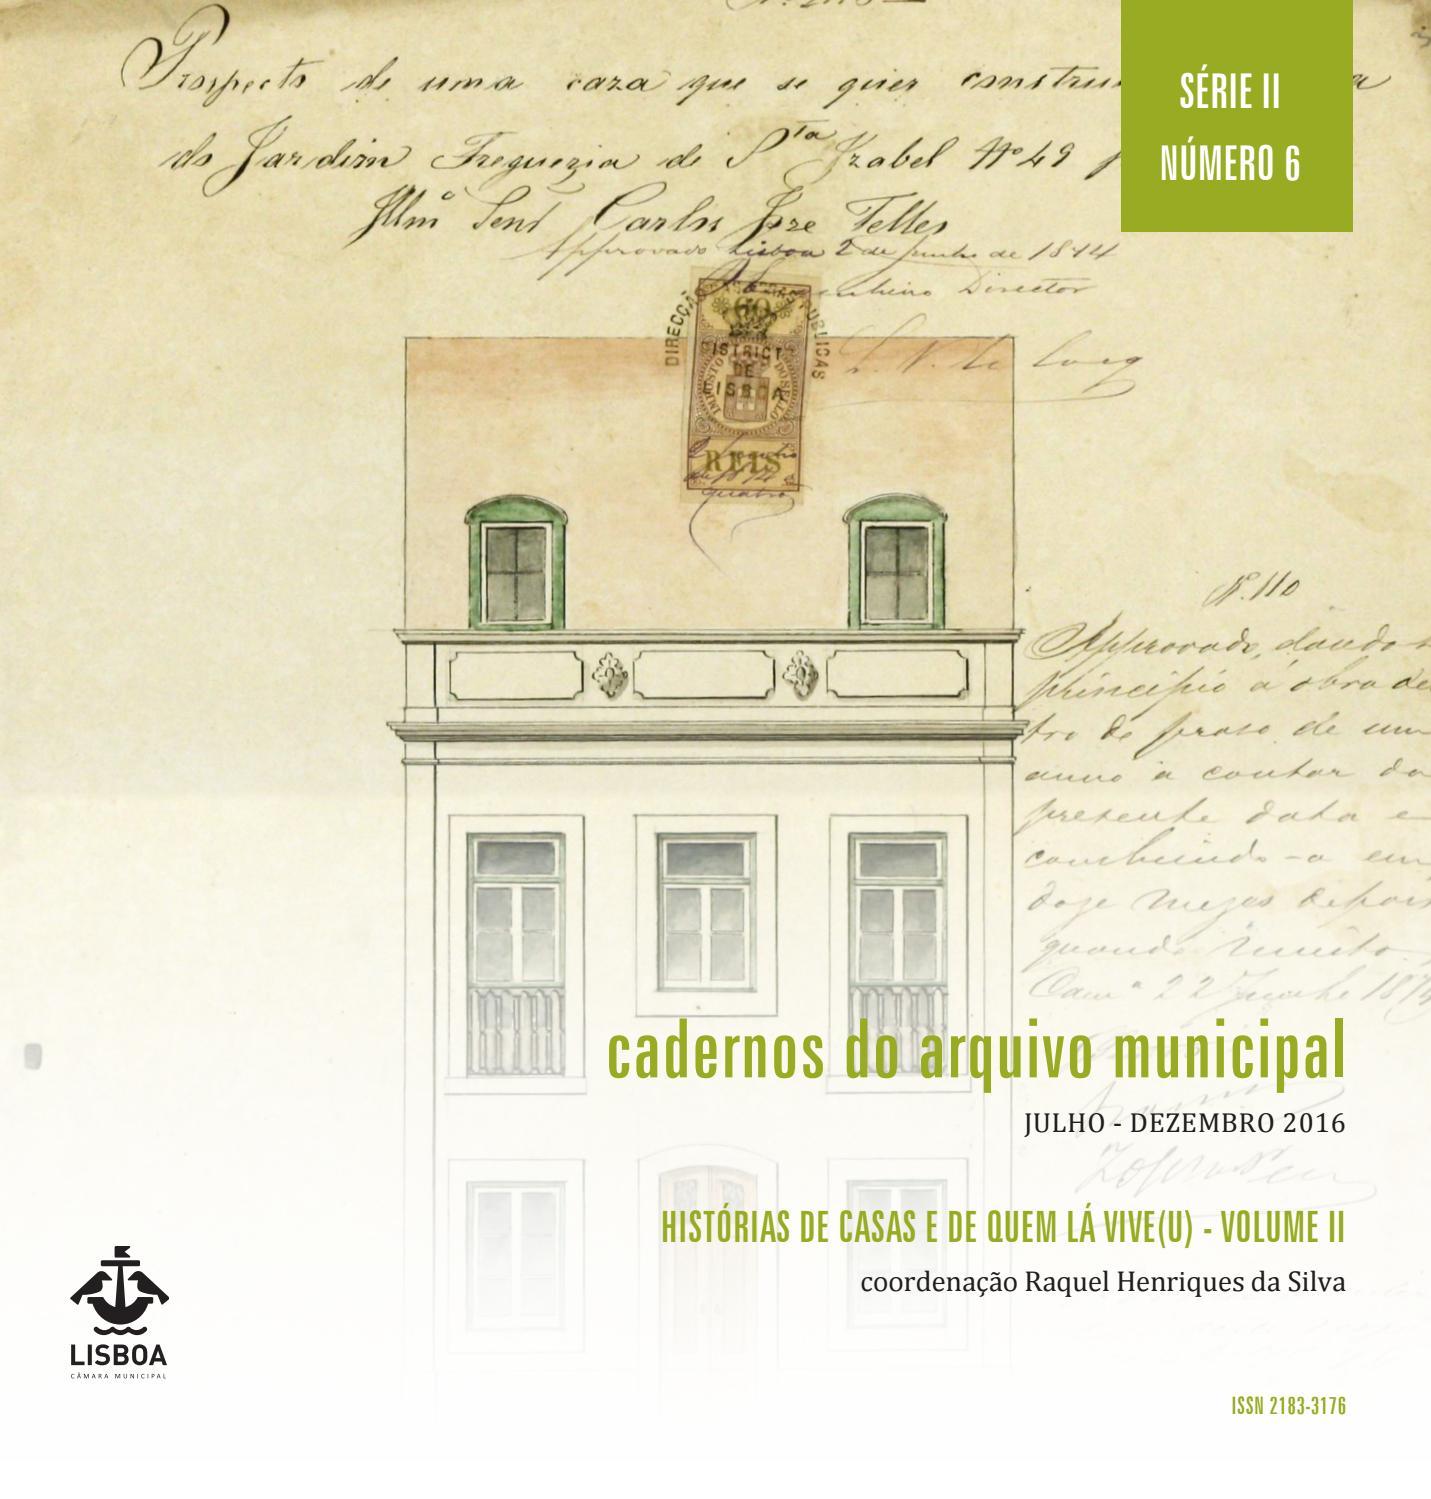 Cadernos do Arquivo Municipal, Série II nº 6 – Histórias de casas e de quem  lá vive(u) I by Câmara Municipal de Lisboa - issuu 36cdcd8ec4